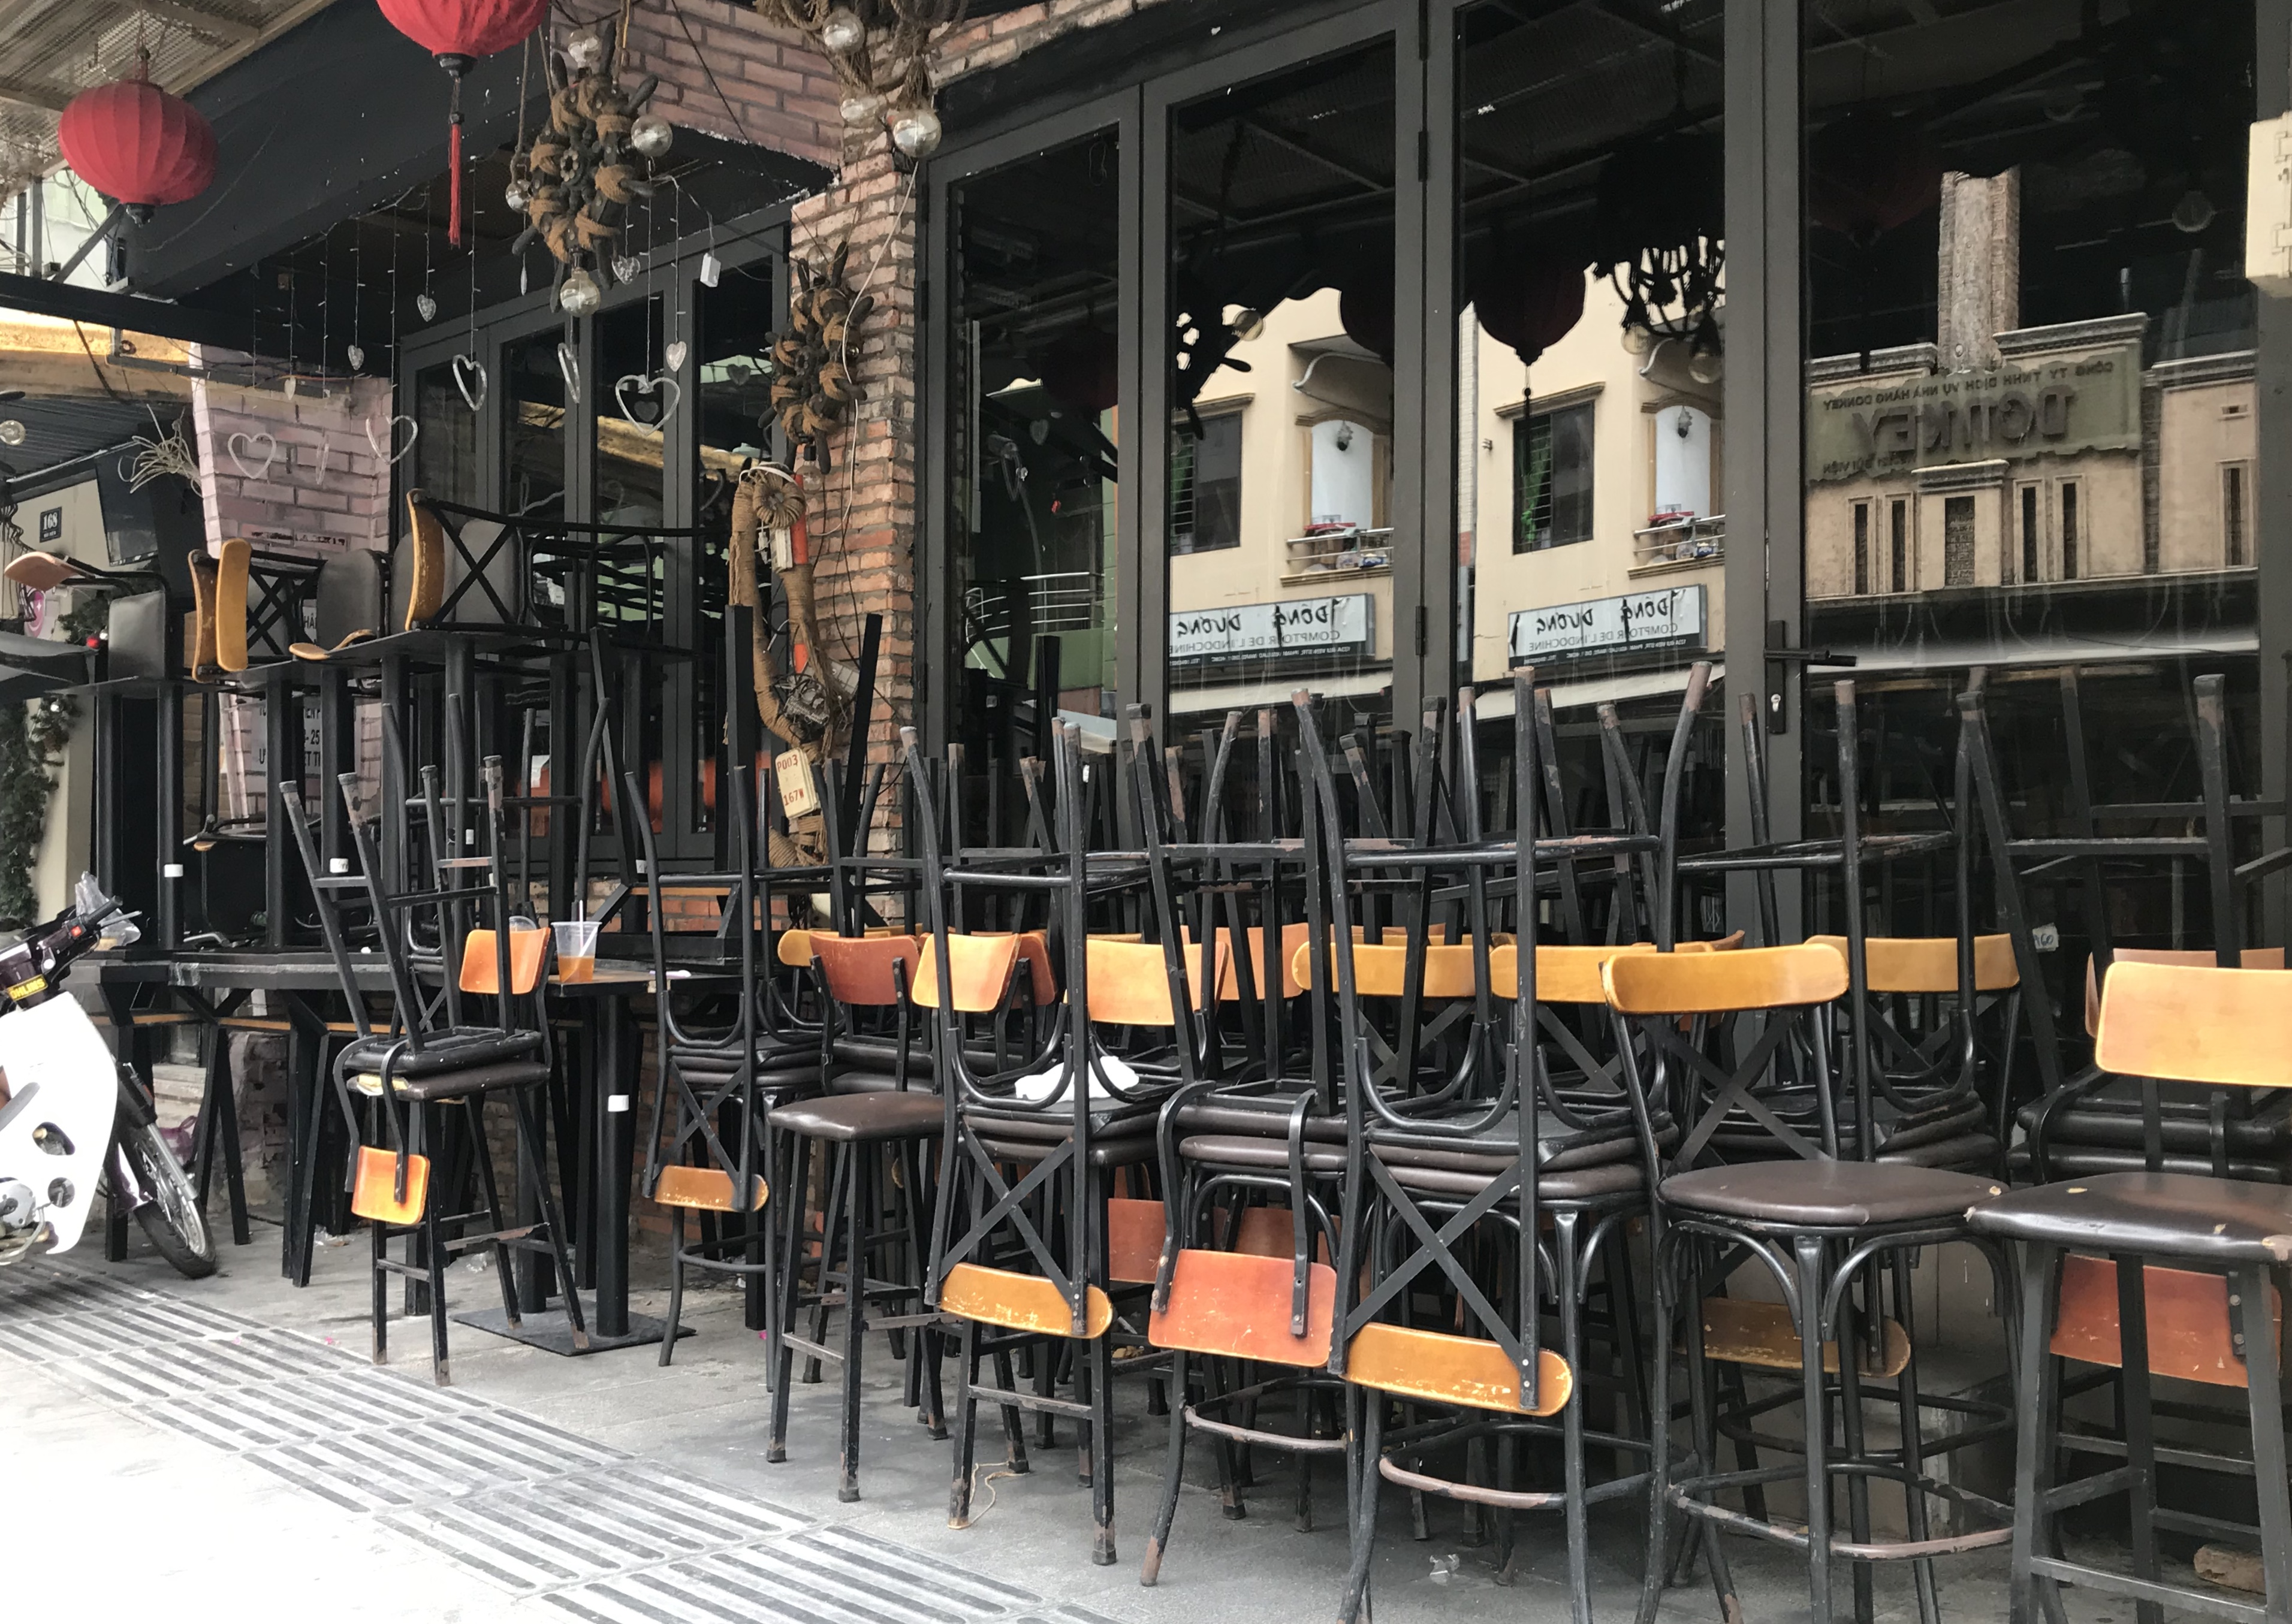 Hàng quán Sài Gòn tất bật dọn dẹp, hi vọng được mở cửa hoạt động lại vào ngày mai - Ảnh 5.